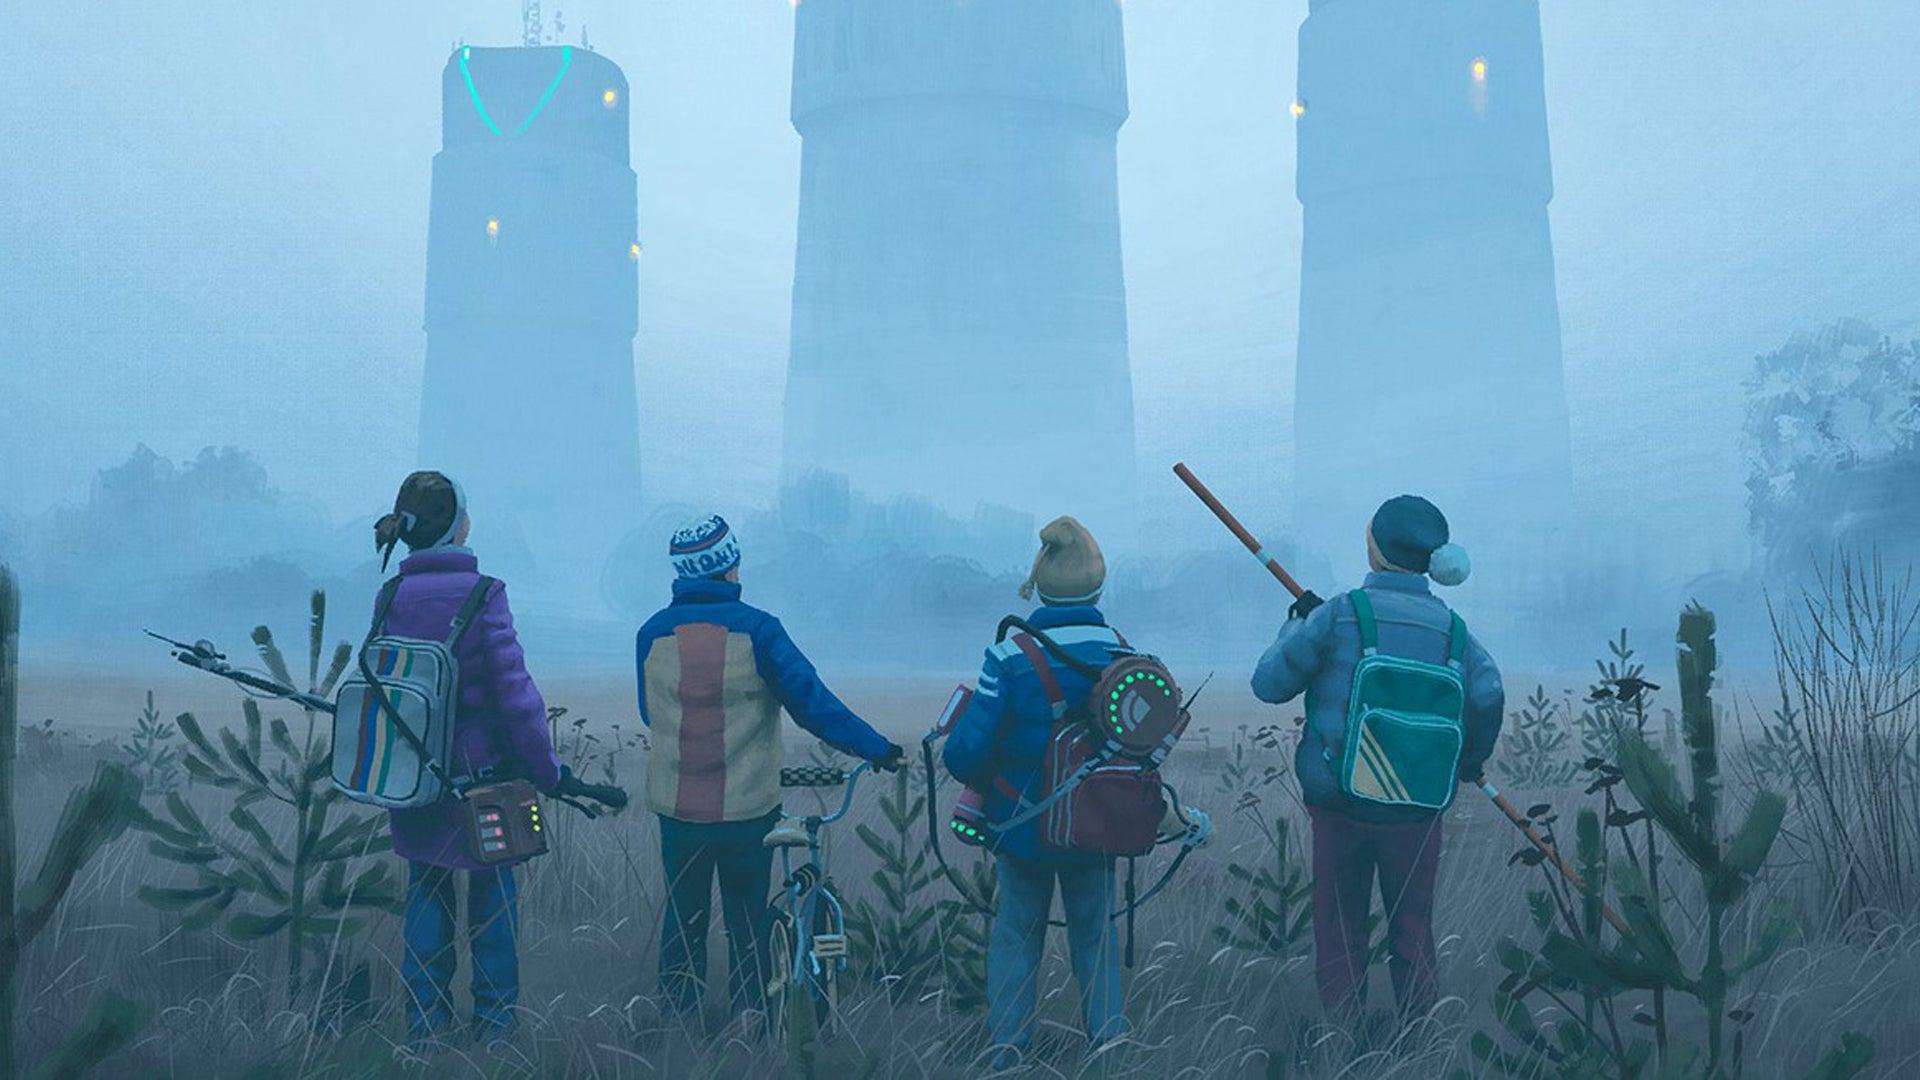 tales-from-the-loop-rpg-artwork-cover.jpg